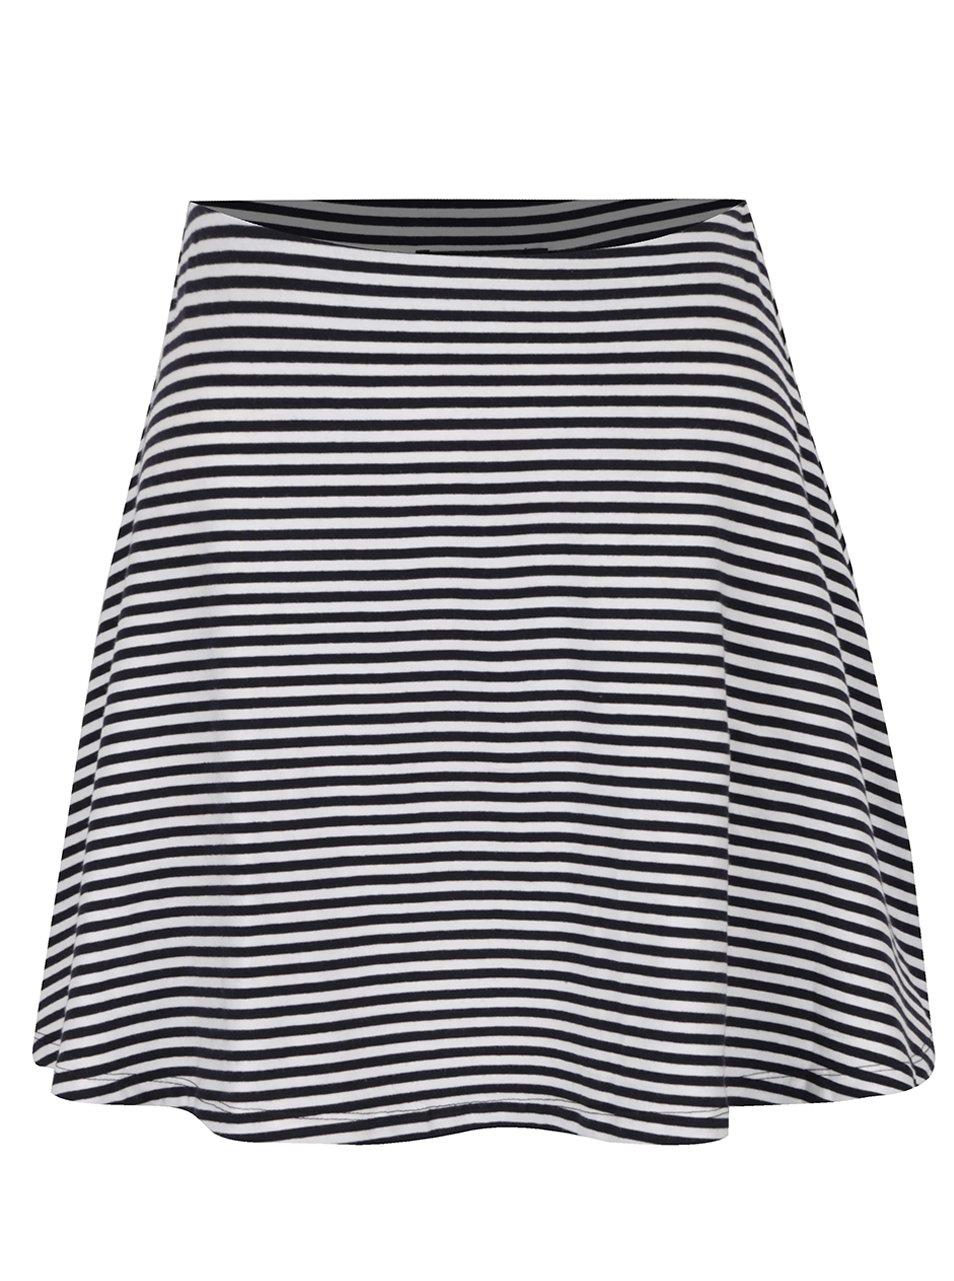 Modro-bílá pruhovaná áčková sukně TALLY WEiJL